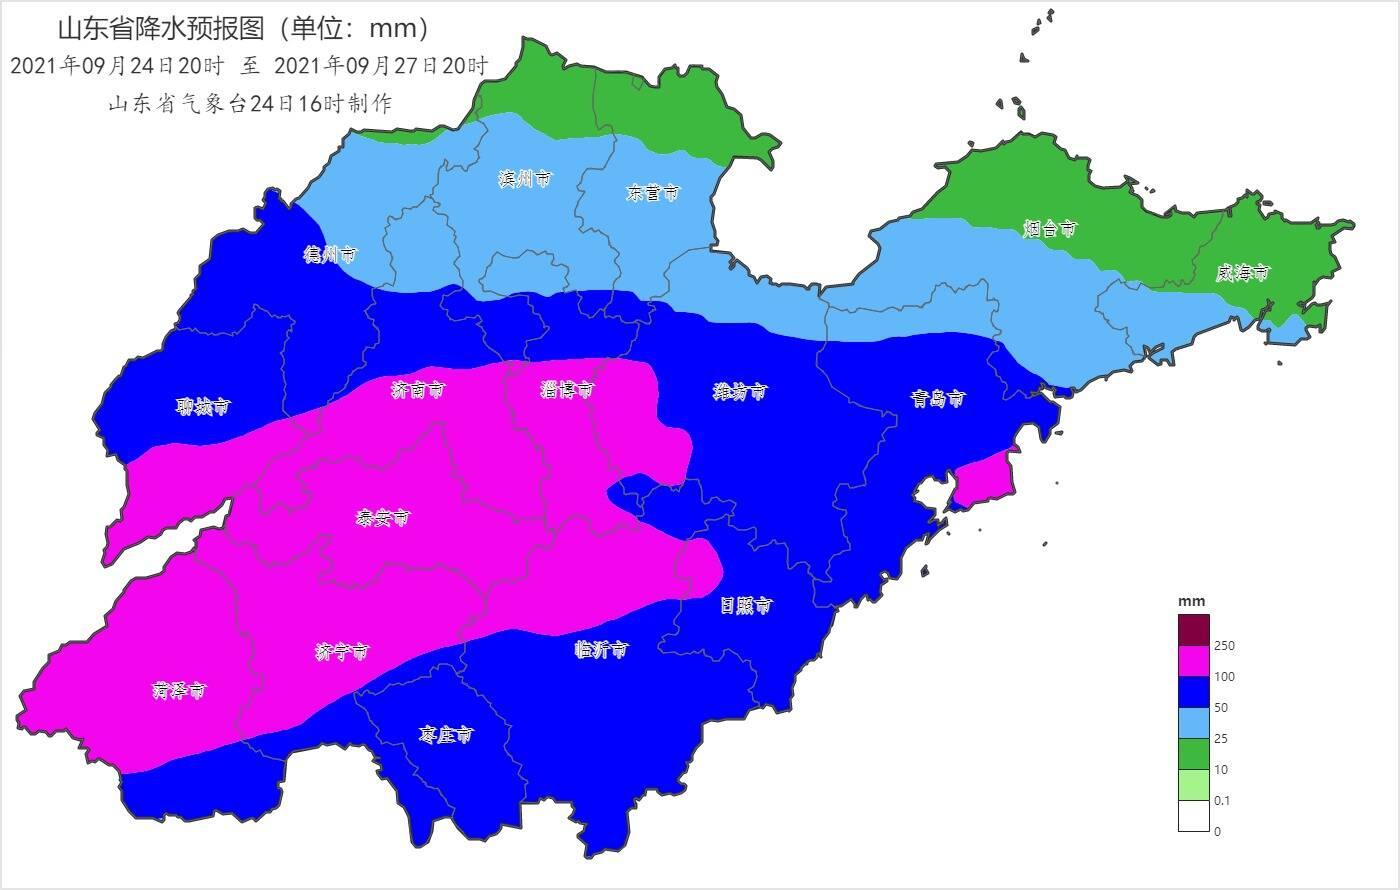 菏泽、聊城已开下!山东发布暴雨蓝色预警信号,多地有大到暴雨局部大暴雨